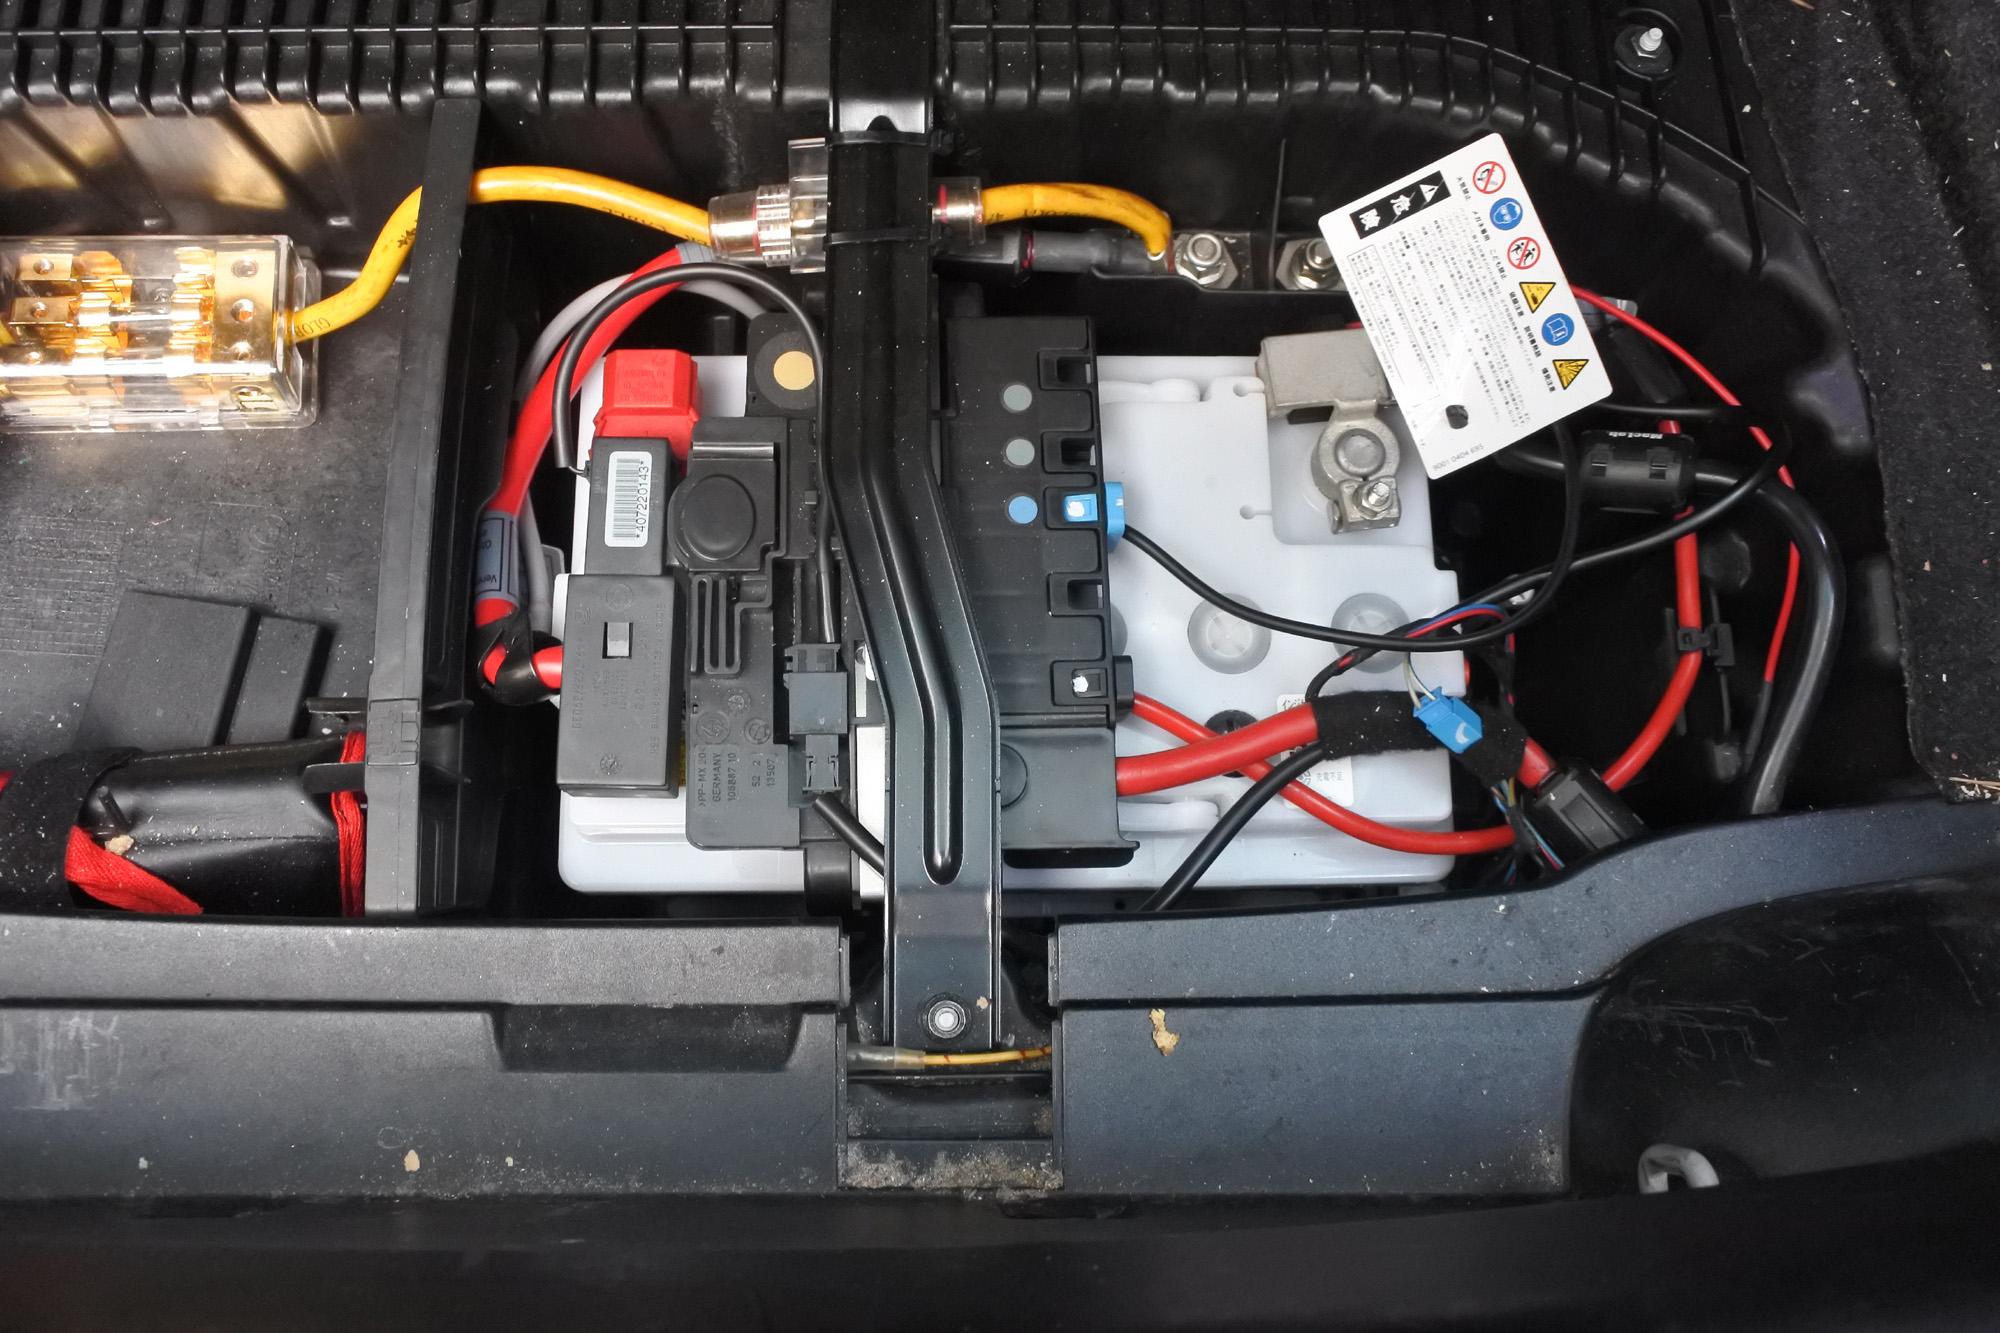 iDrive ブラックアウト!起動しない!その2 バッテリー交換 カオス N-75-28H/WD BMW E87 130i